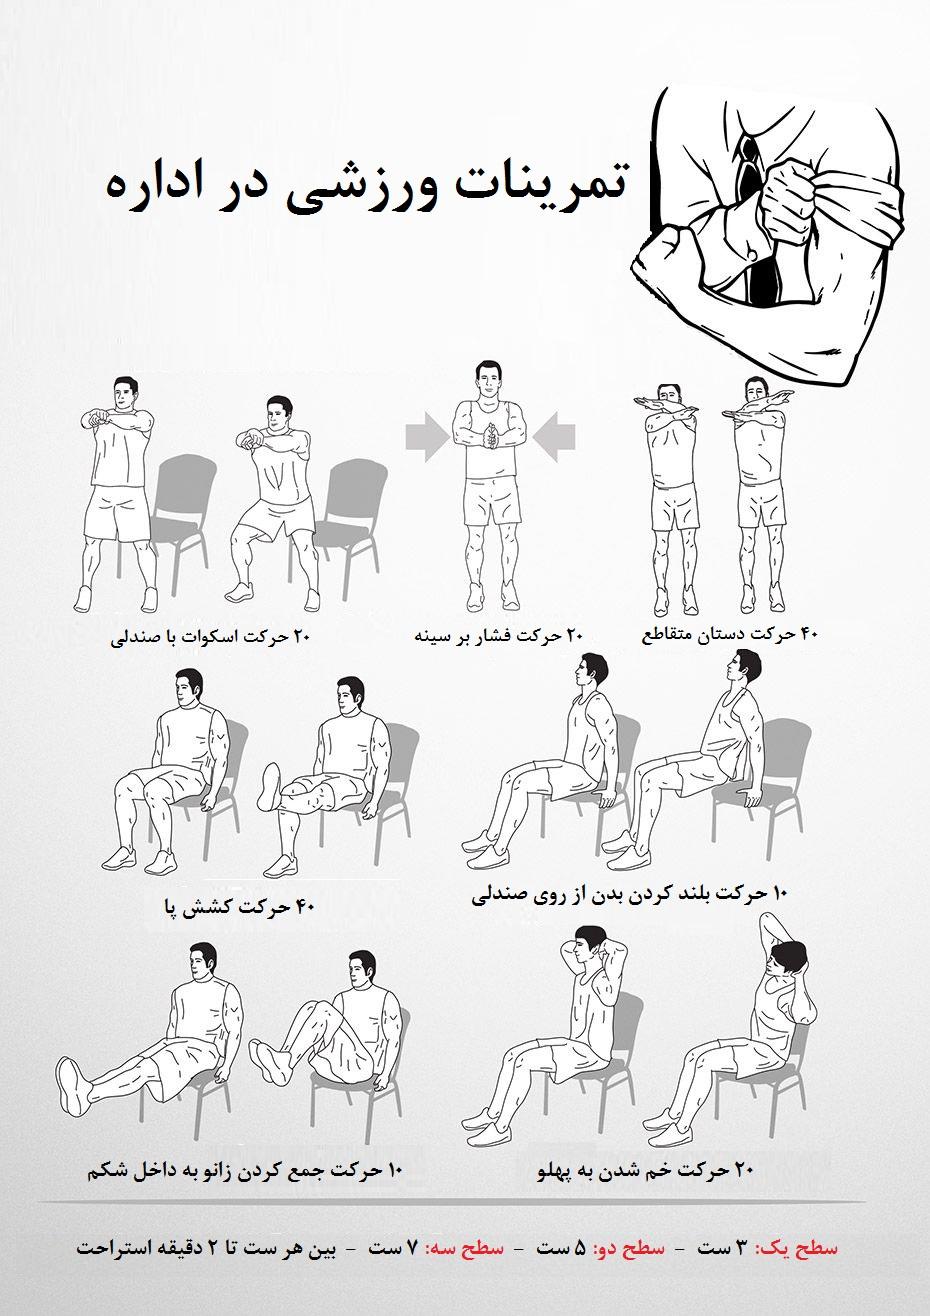 ورزشهایی برای کارمندان (+تصاویر)